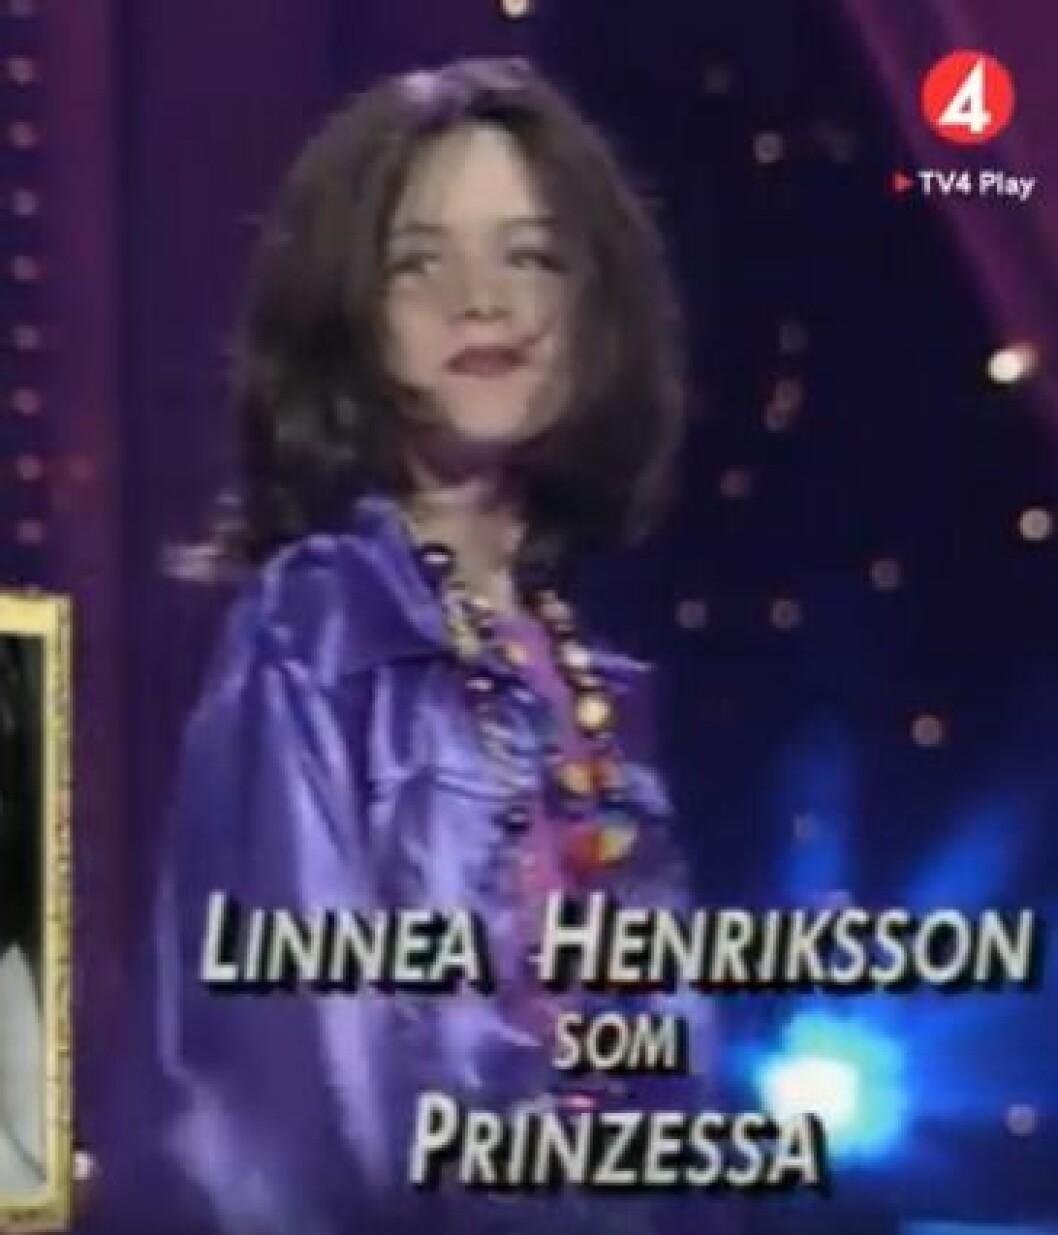 Linnea Henriksson som den spanska artisten Prinzessa i Småstjärnorna.